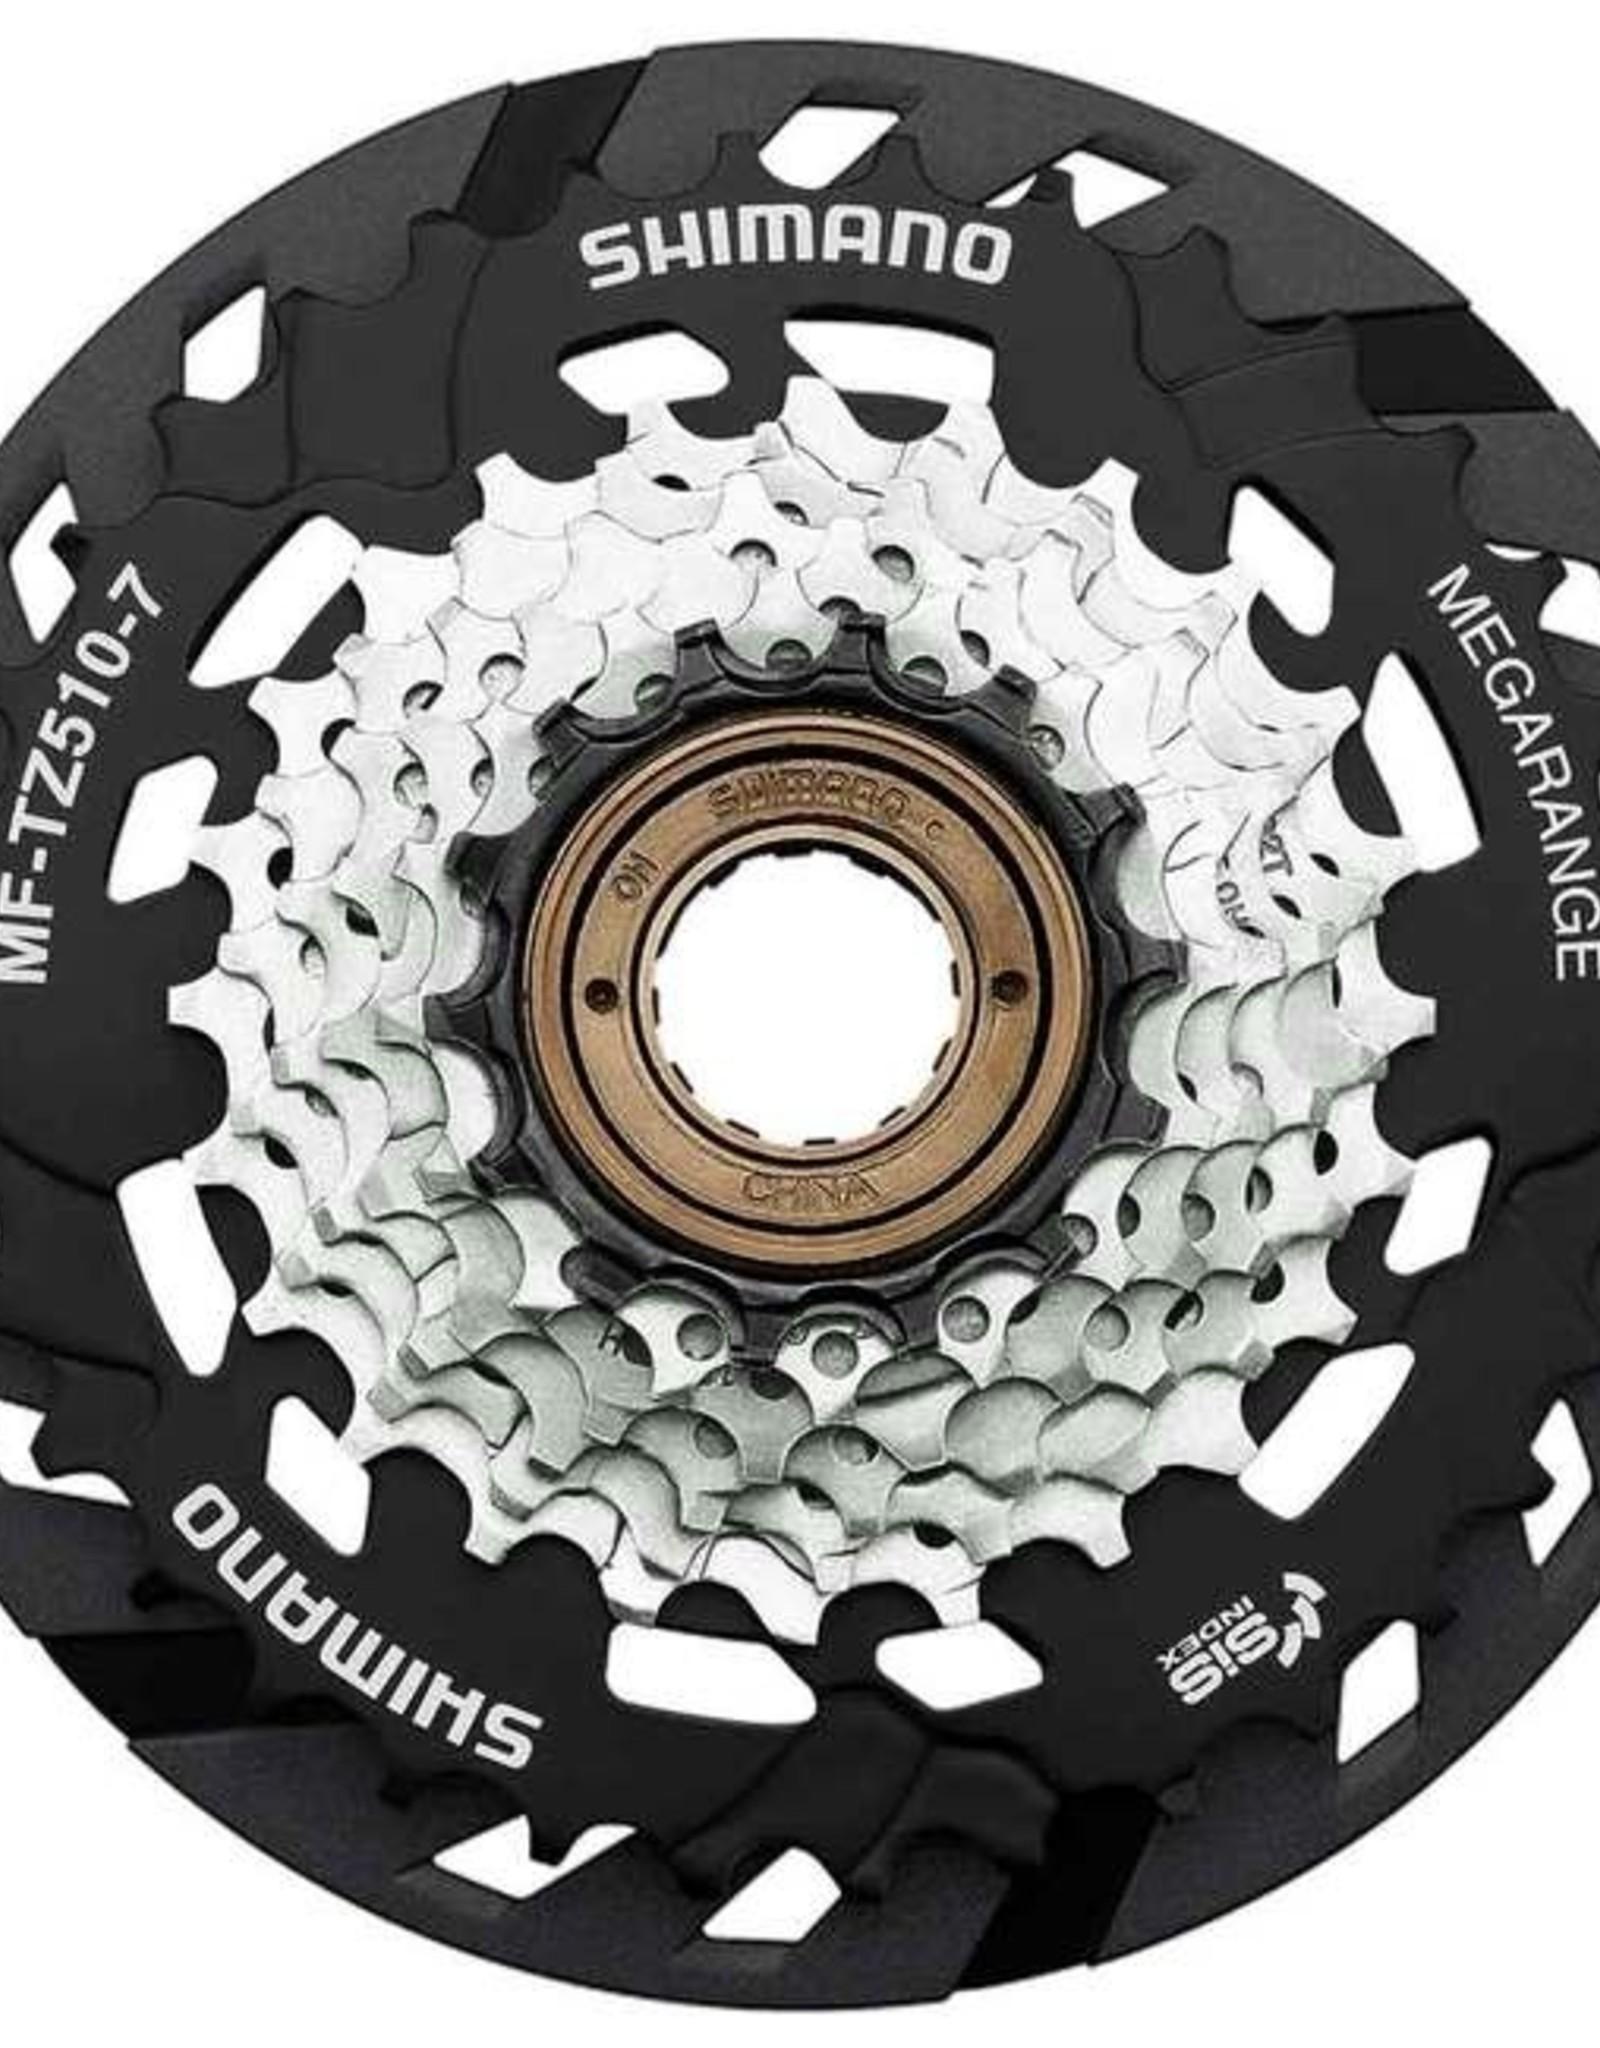 Shimano Shimano Multiple Freewheel Sprocket, MF-TZ510 14-34T, 7-SPEED, 14-16-18-20-22-24-34T, W/spoke Protector